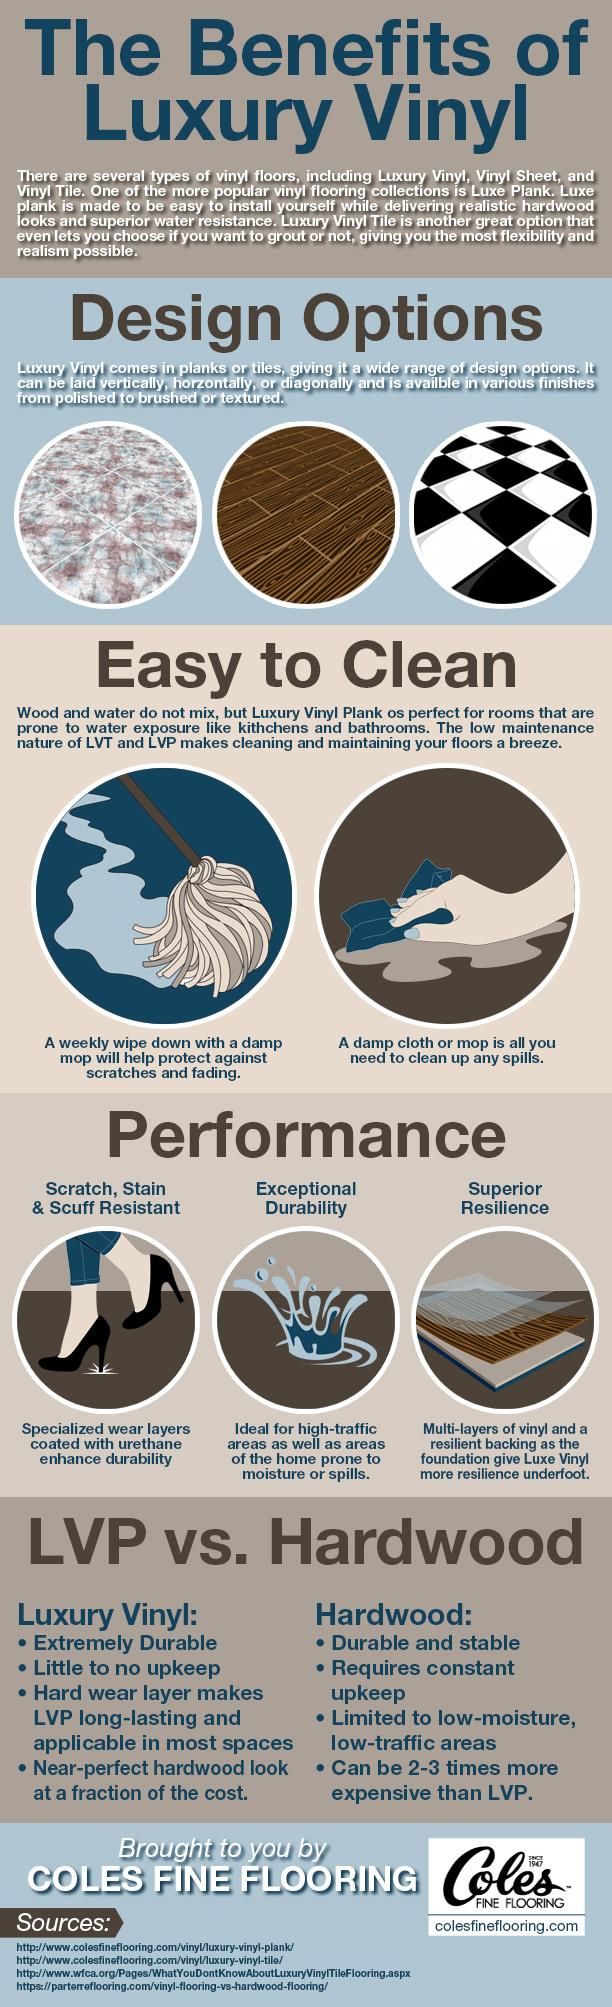 Luxury Vinyl infographic